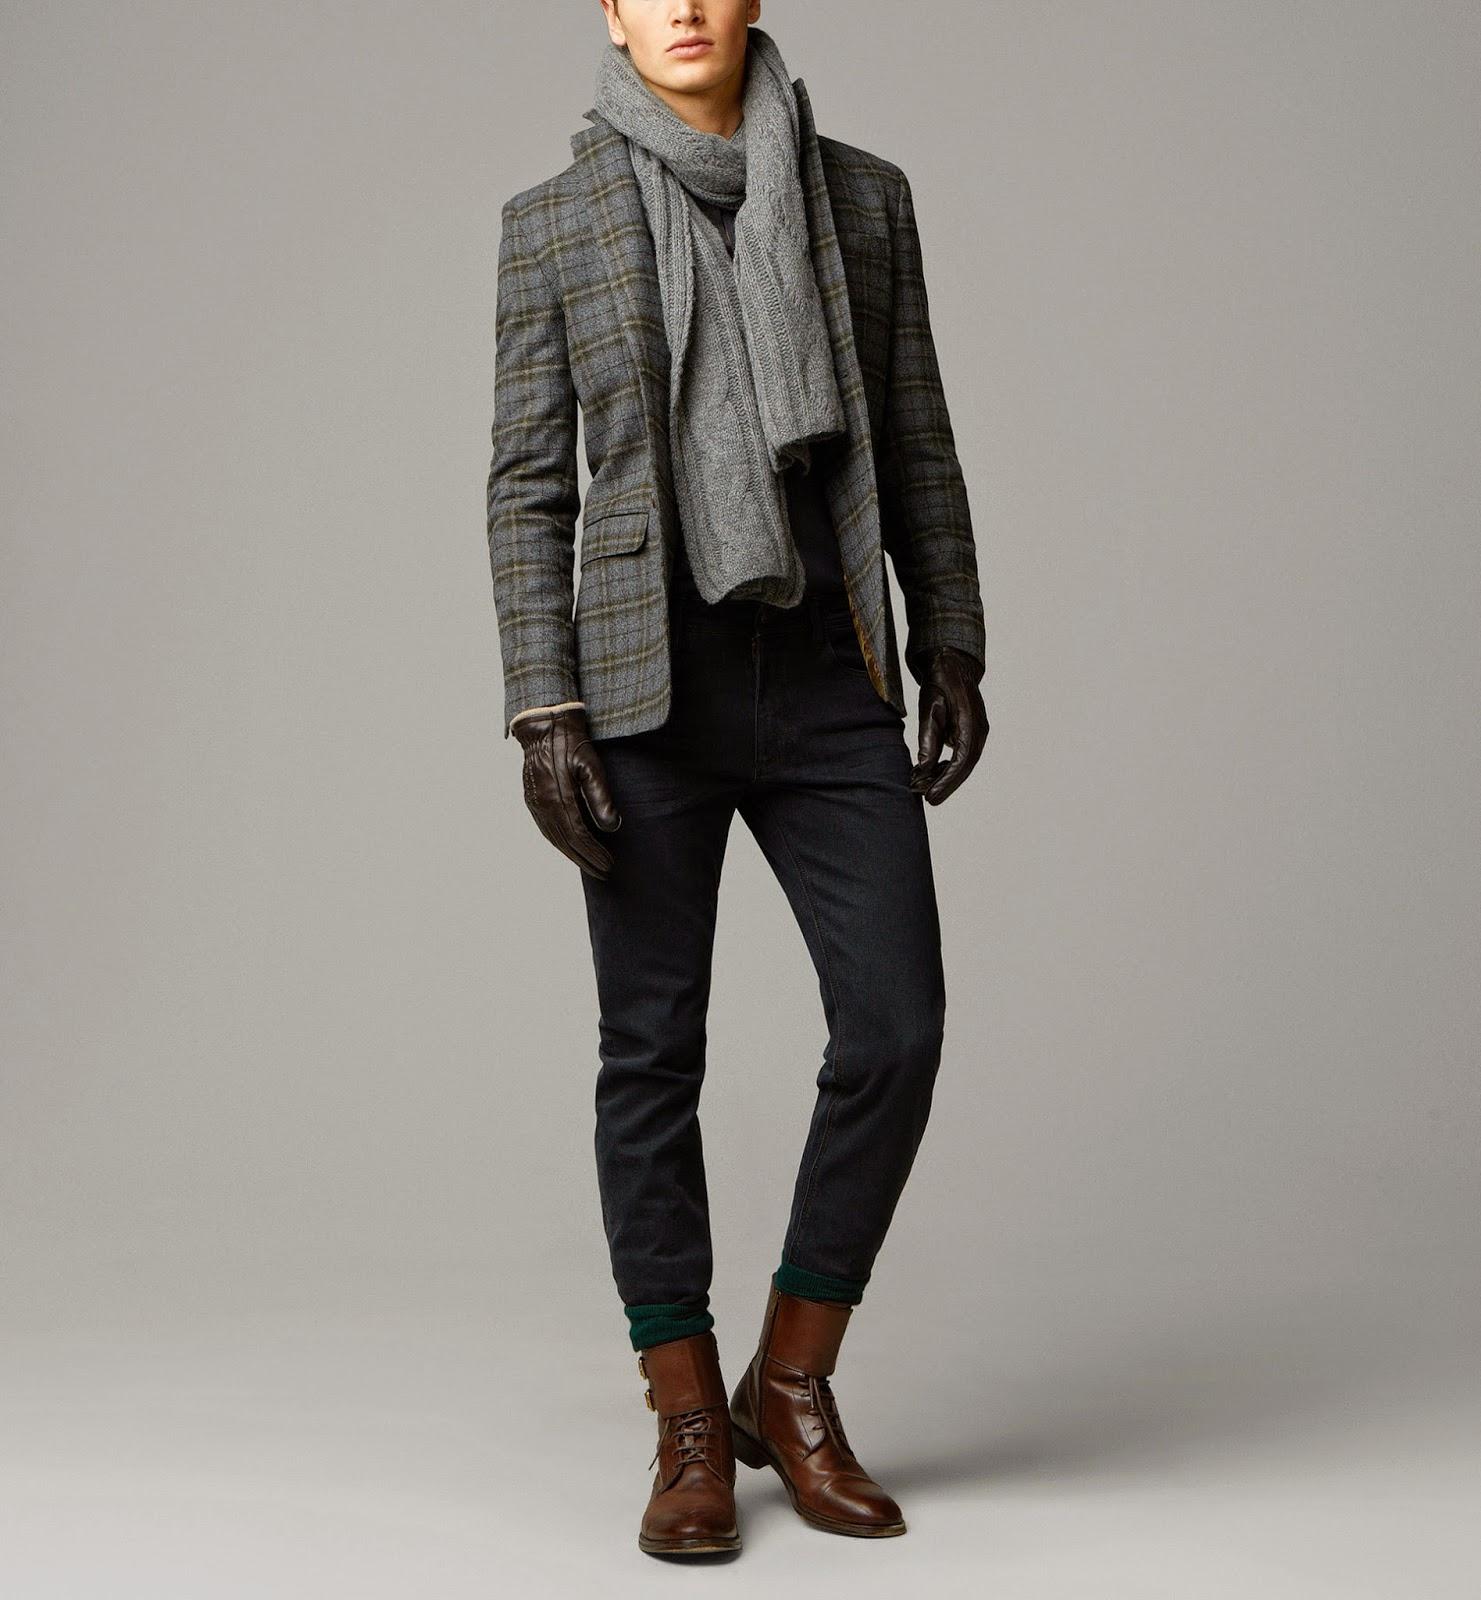 f091b224de2b veste homme empiecement coude